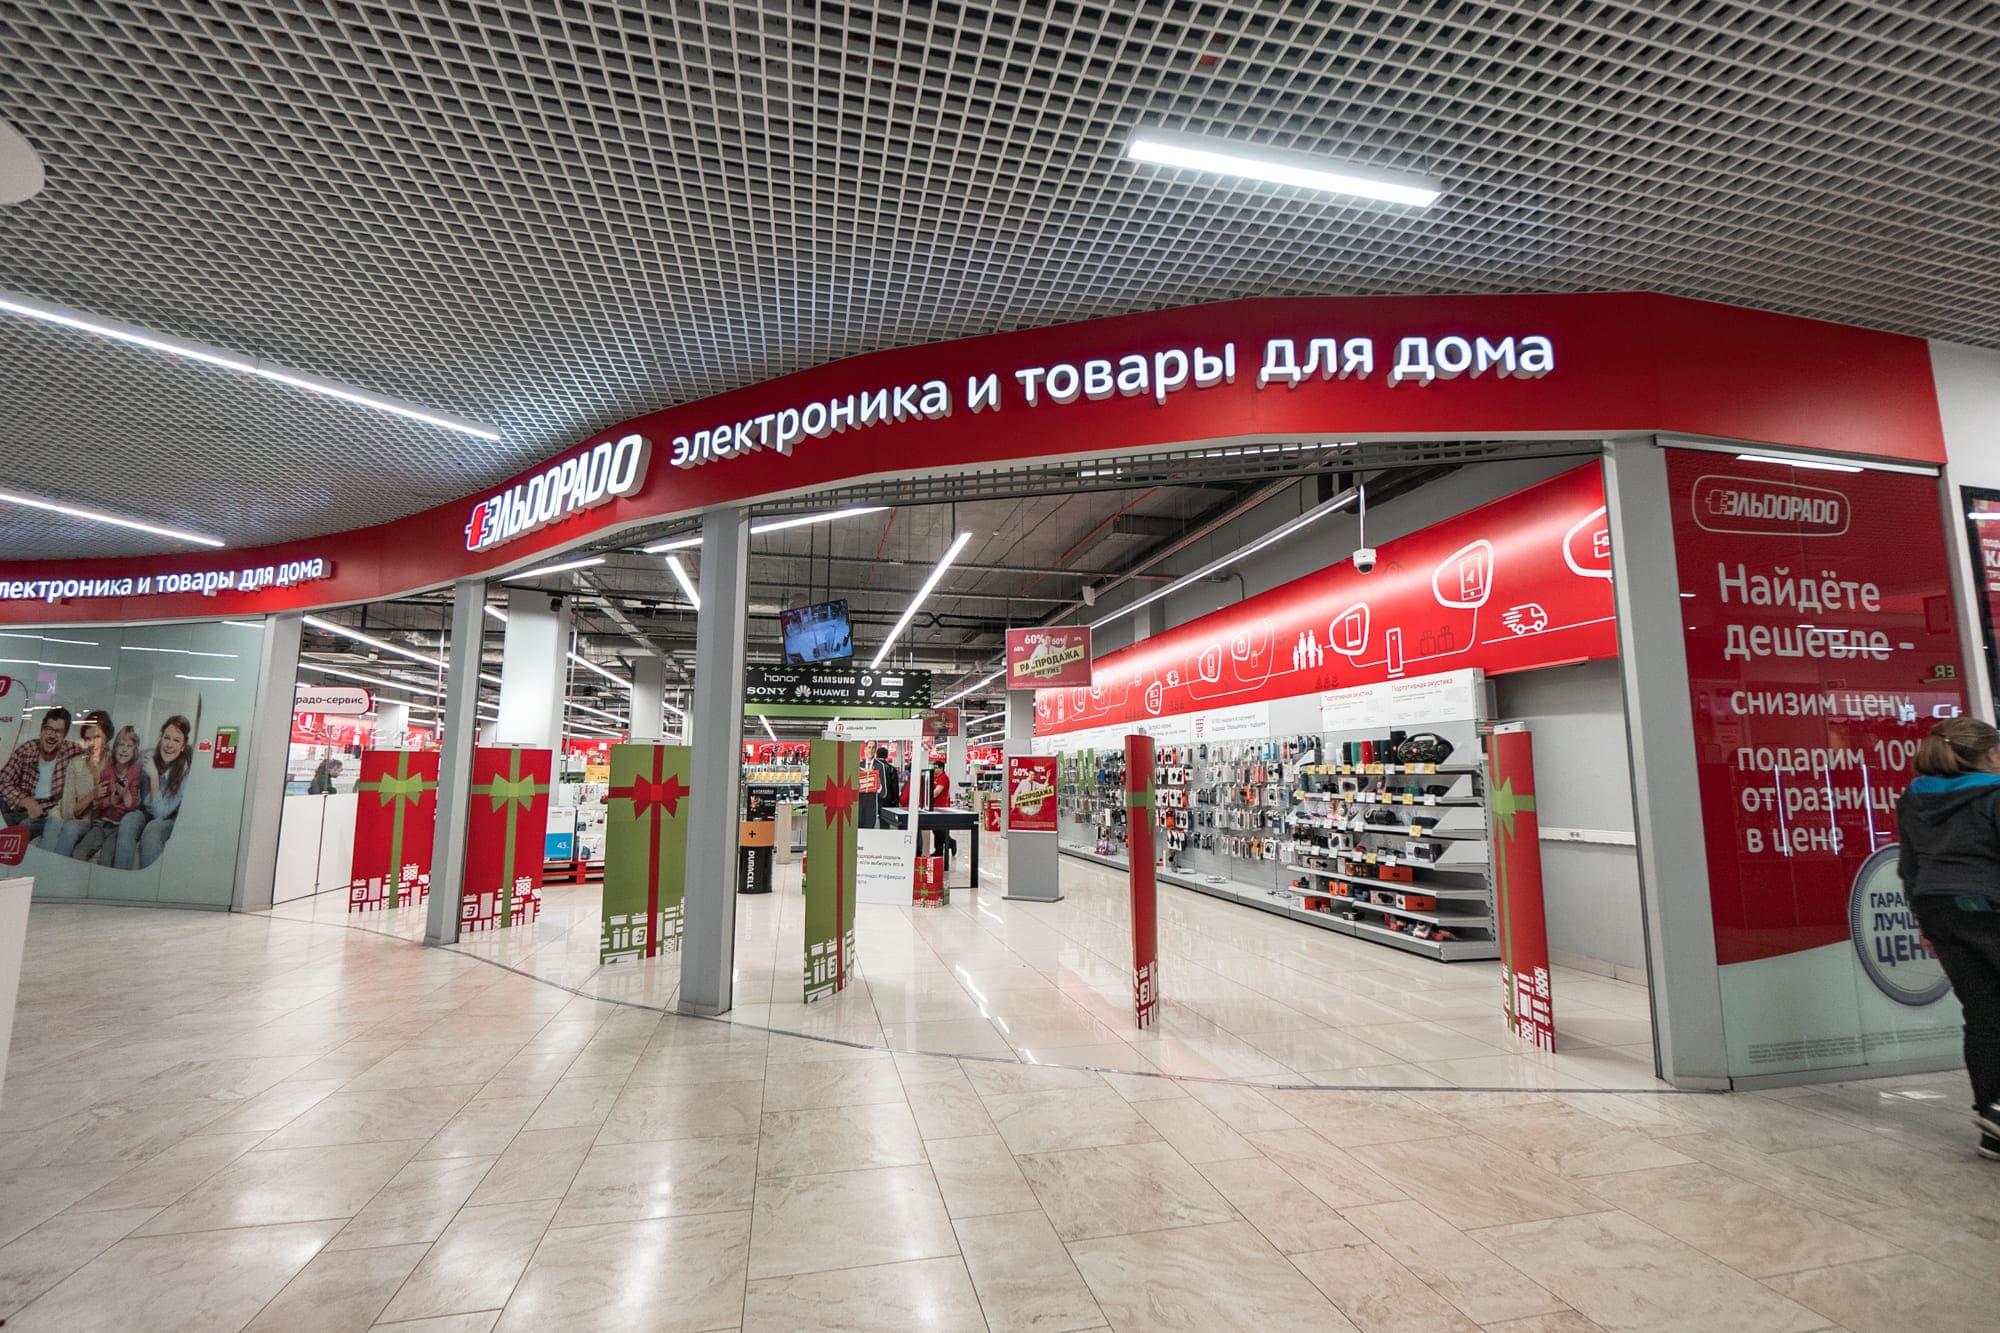 Магазины Череповца Каталог Товаров